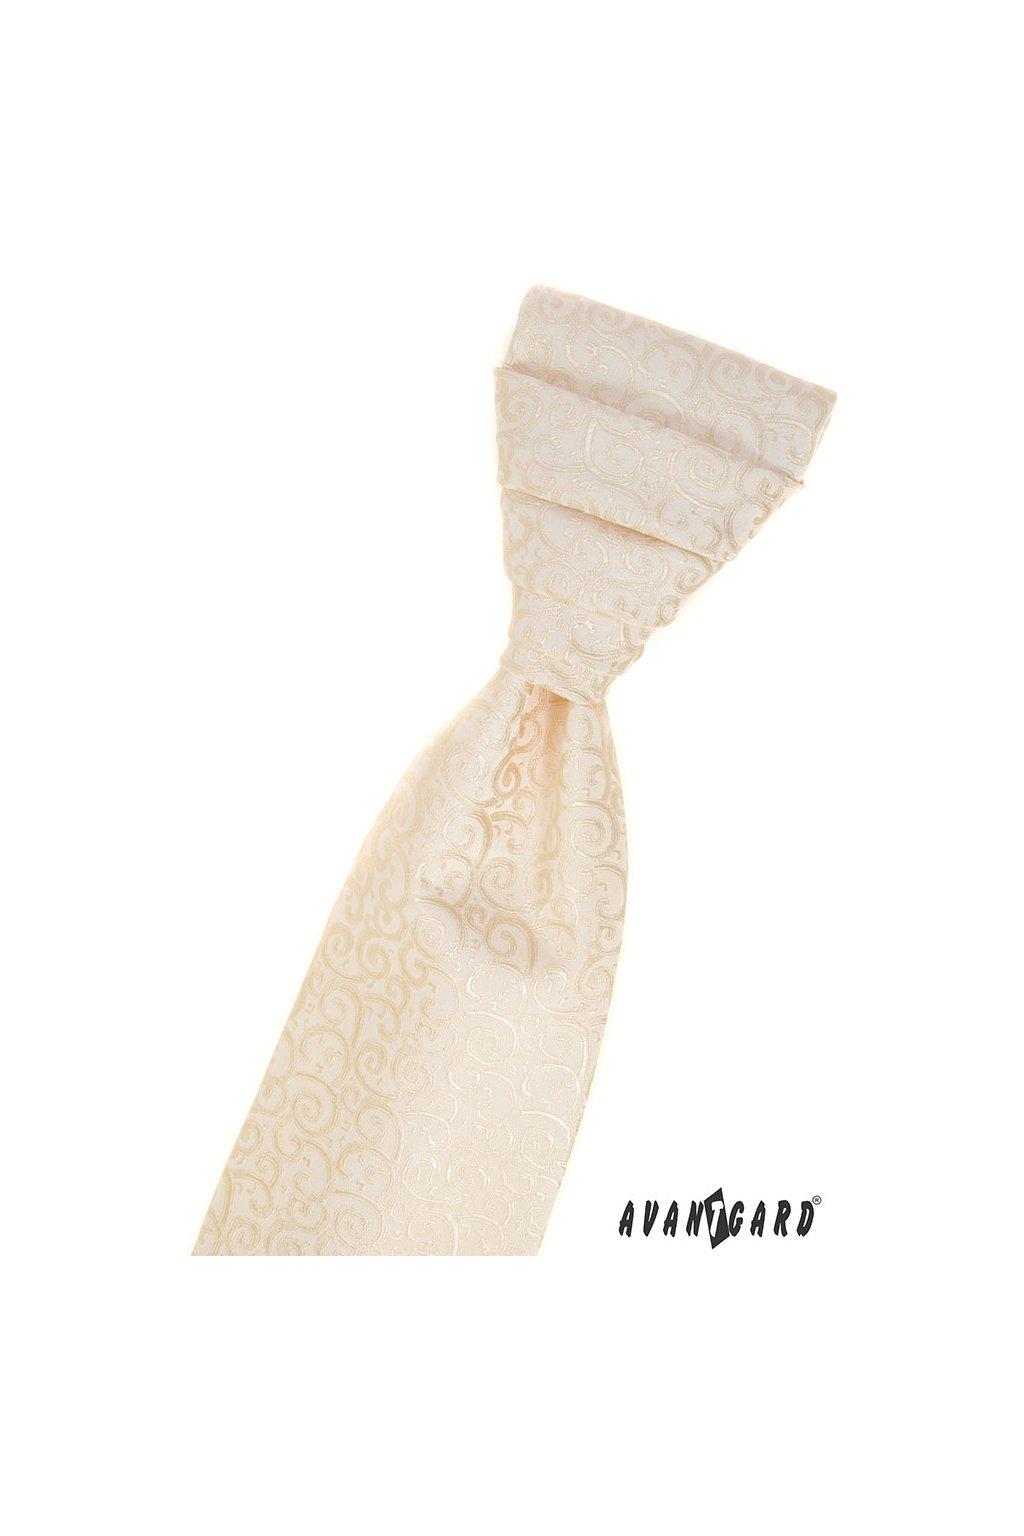 Svatební smetanová regata PREMIUM se vzorem s kapesníčkem 577 - 58